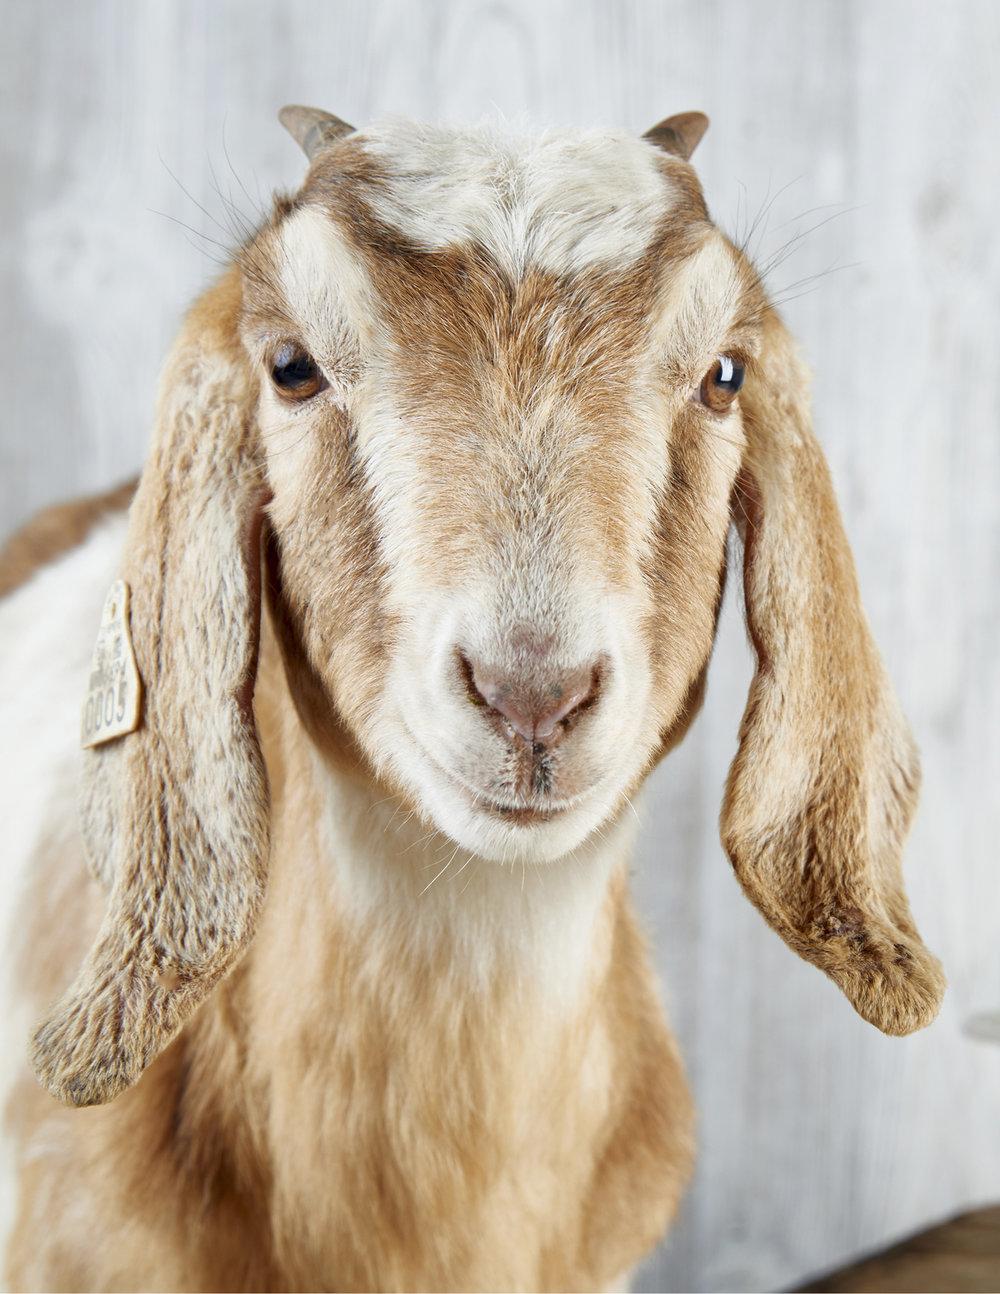 Website_Vertical_0016_Beekman 1802 Goats17044.jpg